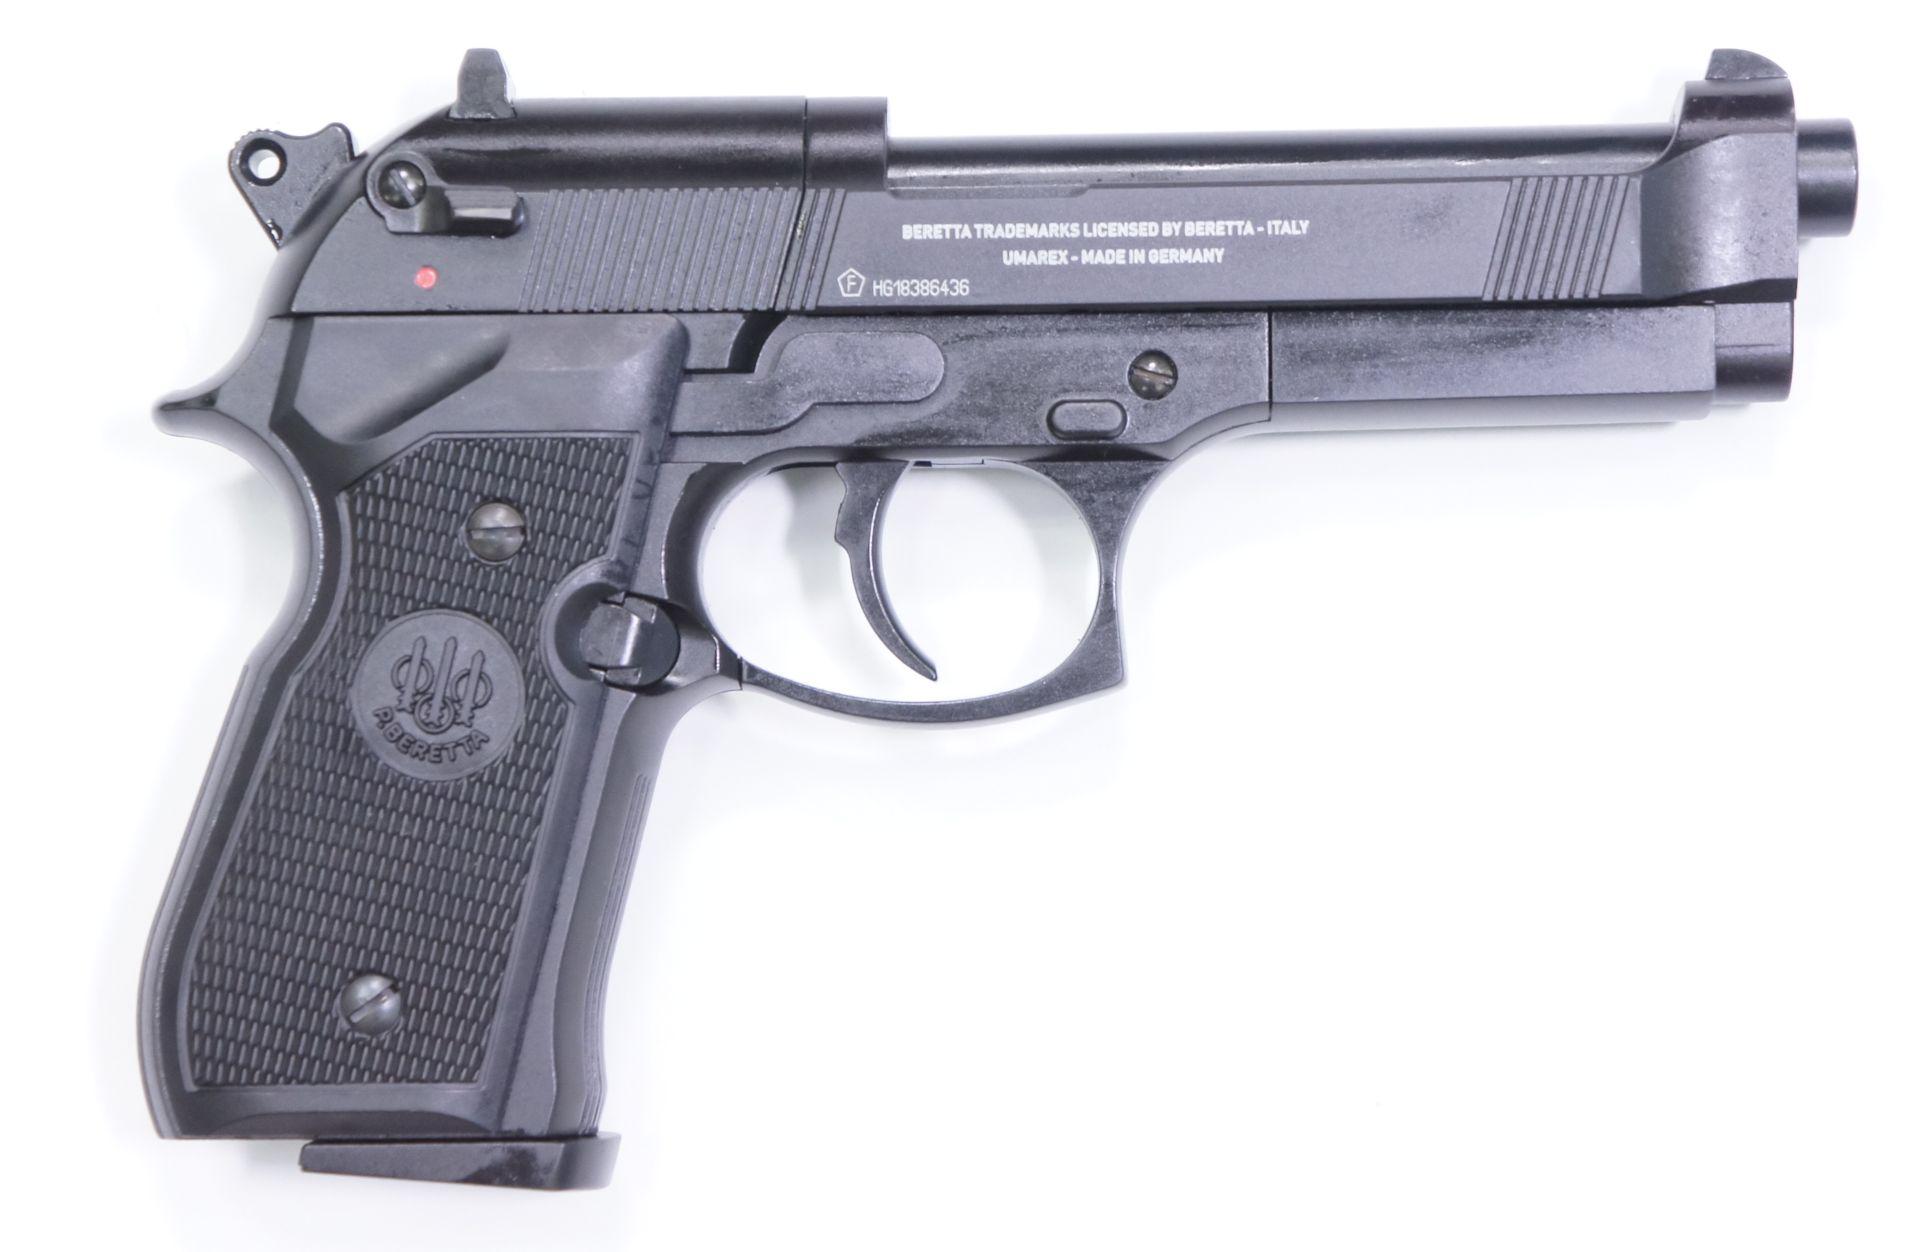 Von der rechten Seite ist die CO2 Pistole Beretta 92 FS genau so authentisch